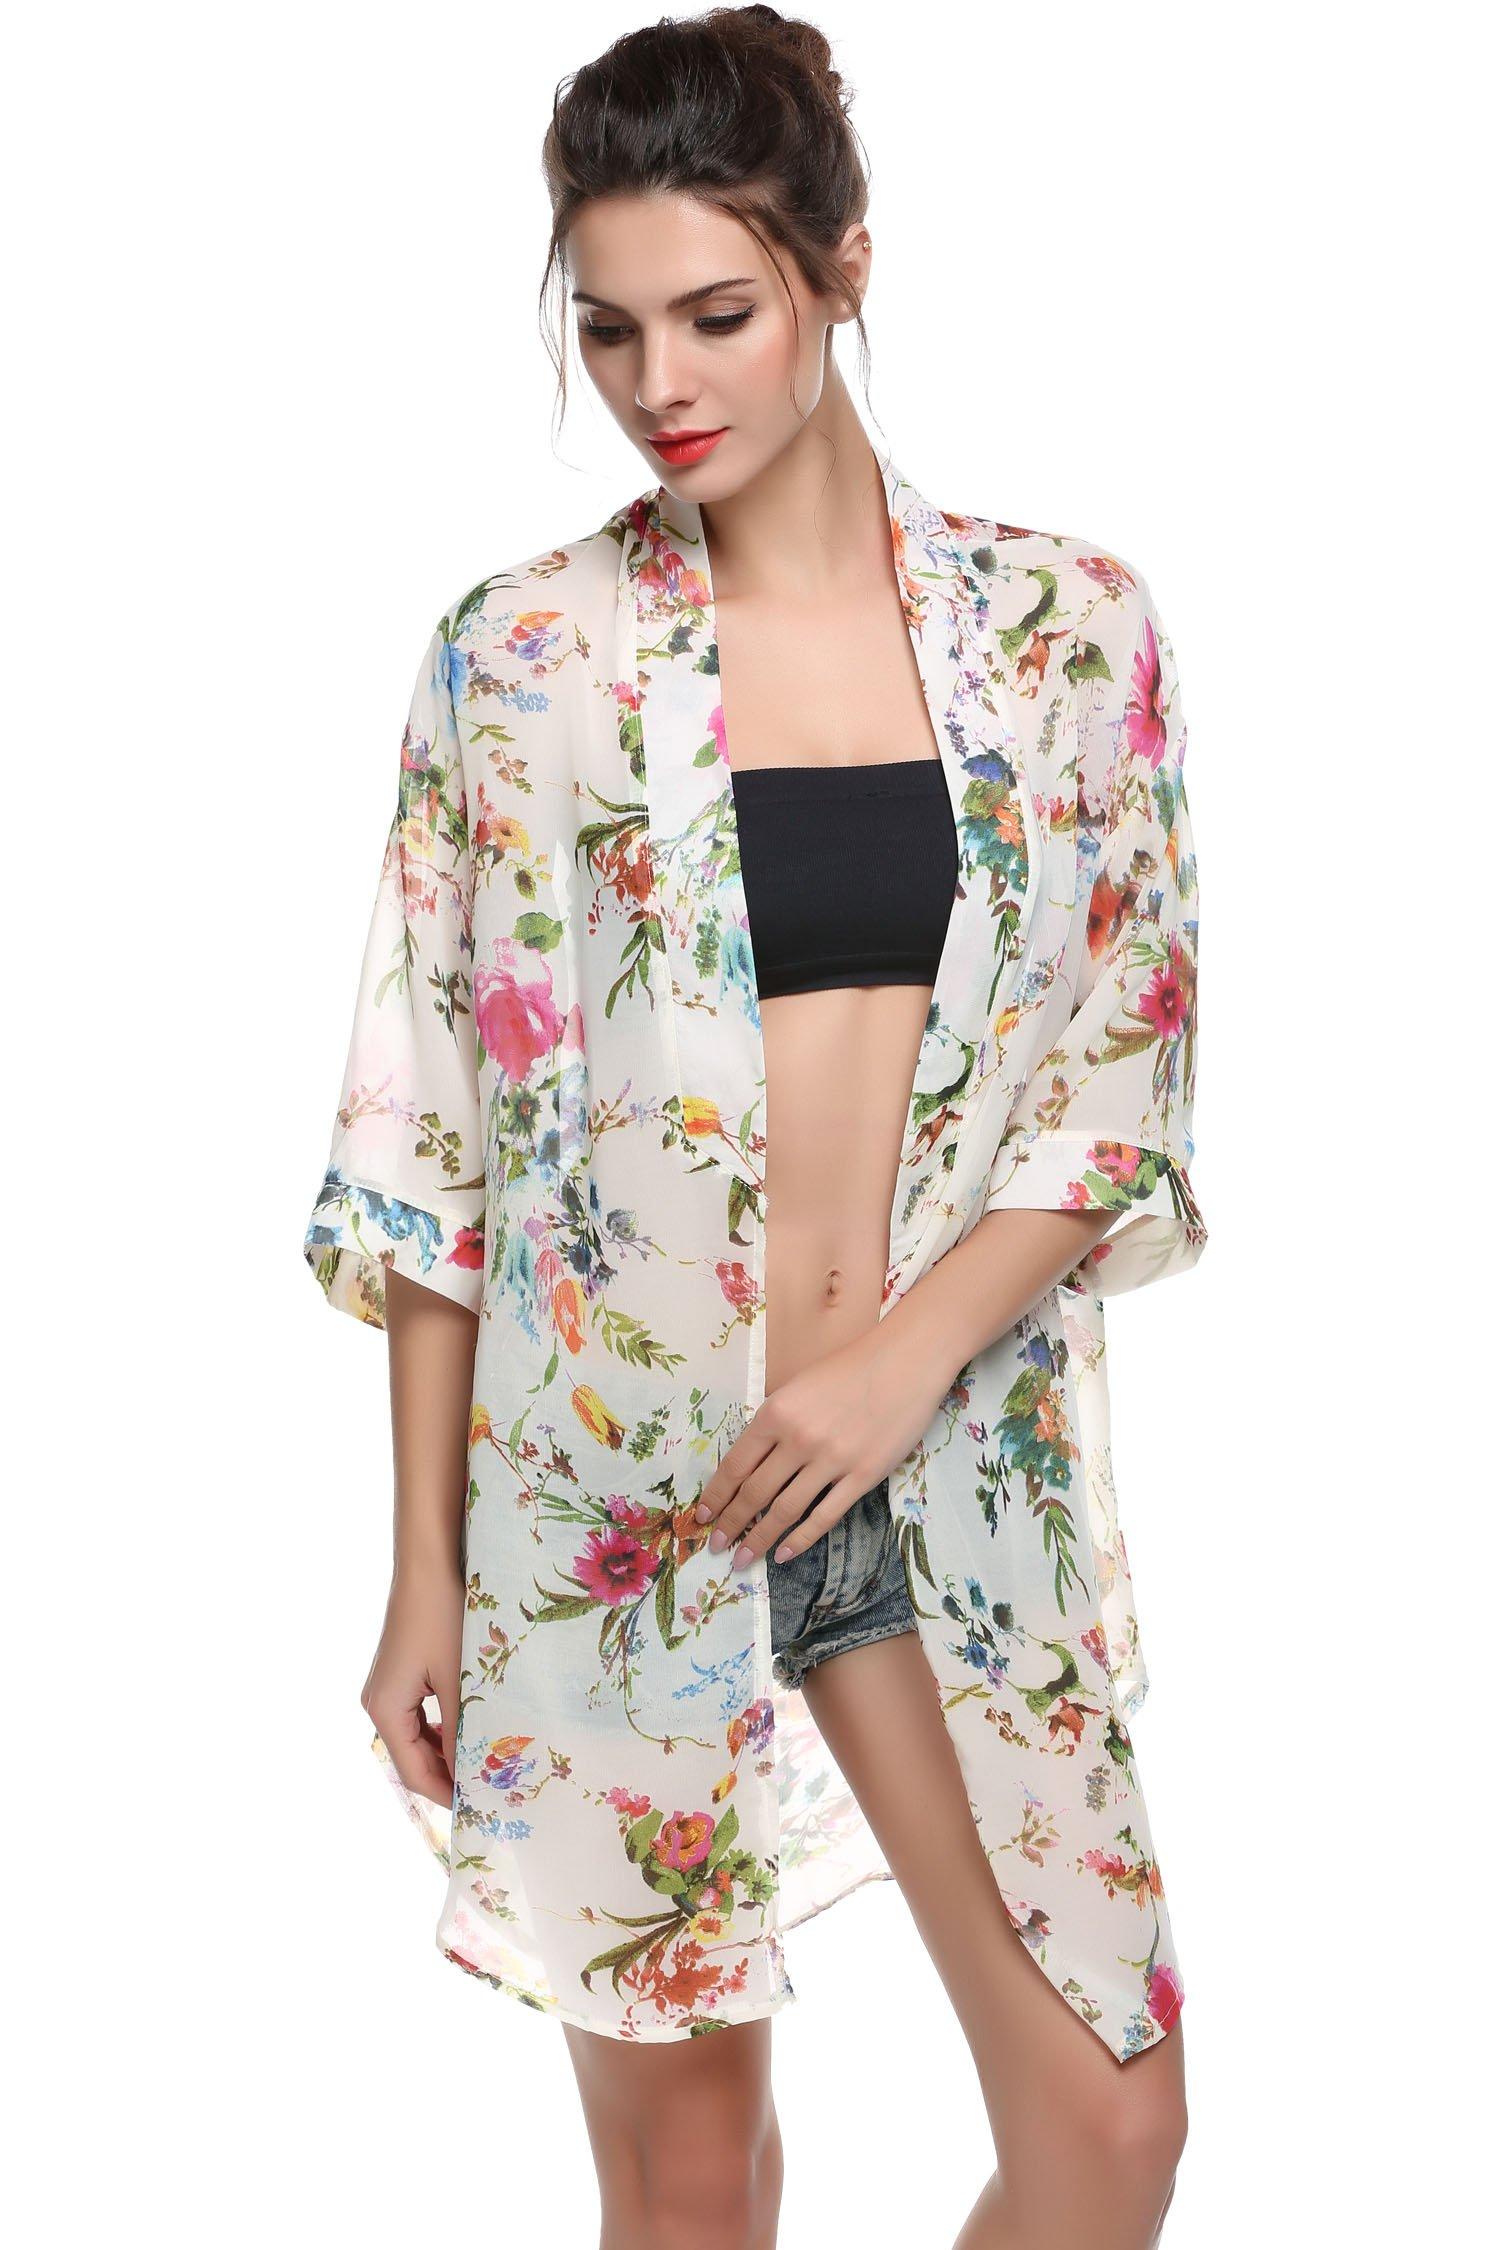 BLUETIME Fashion Women Chiffon Bikini Cover up Kimono Cardigan Coat Bathing Swimwear (XL, White)